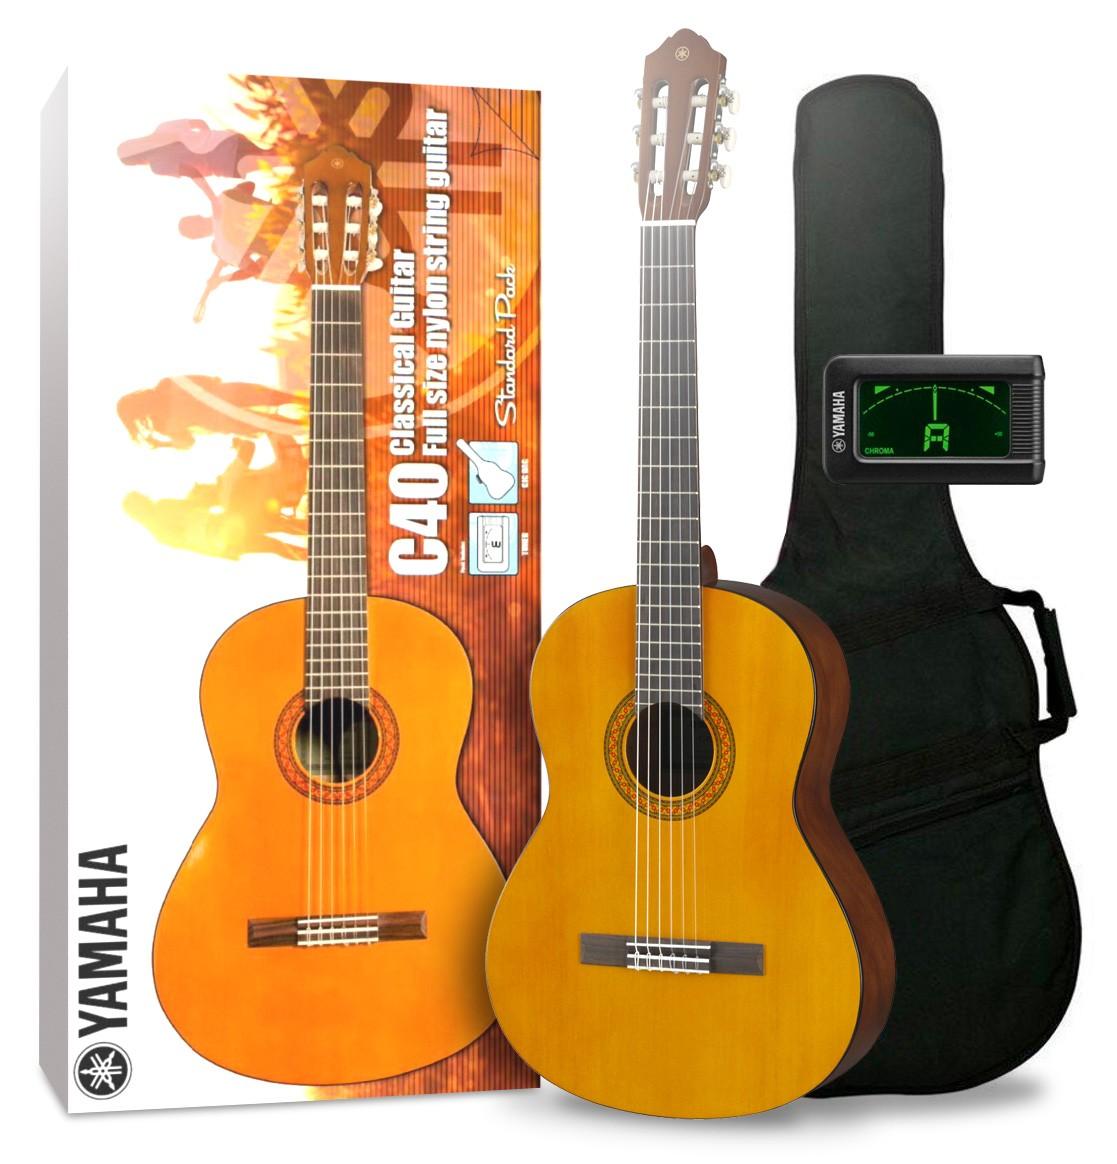 Sety s klasickými gitarami